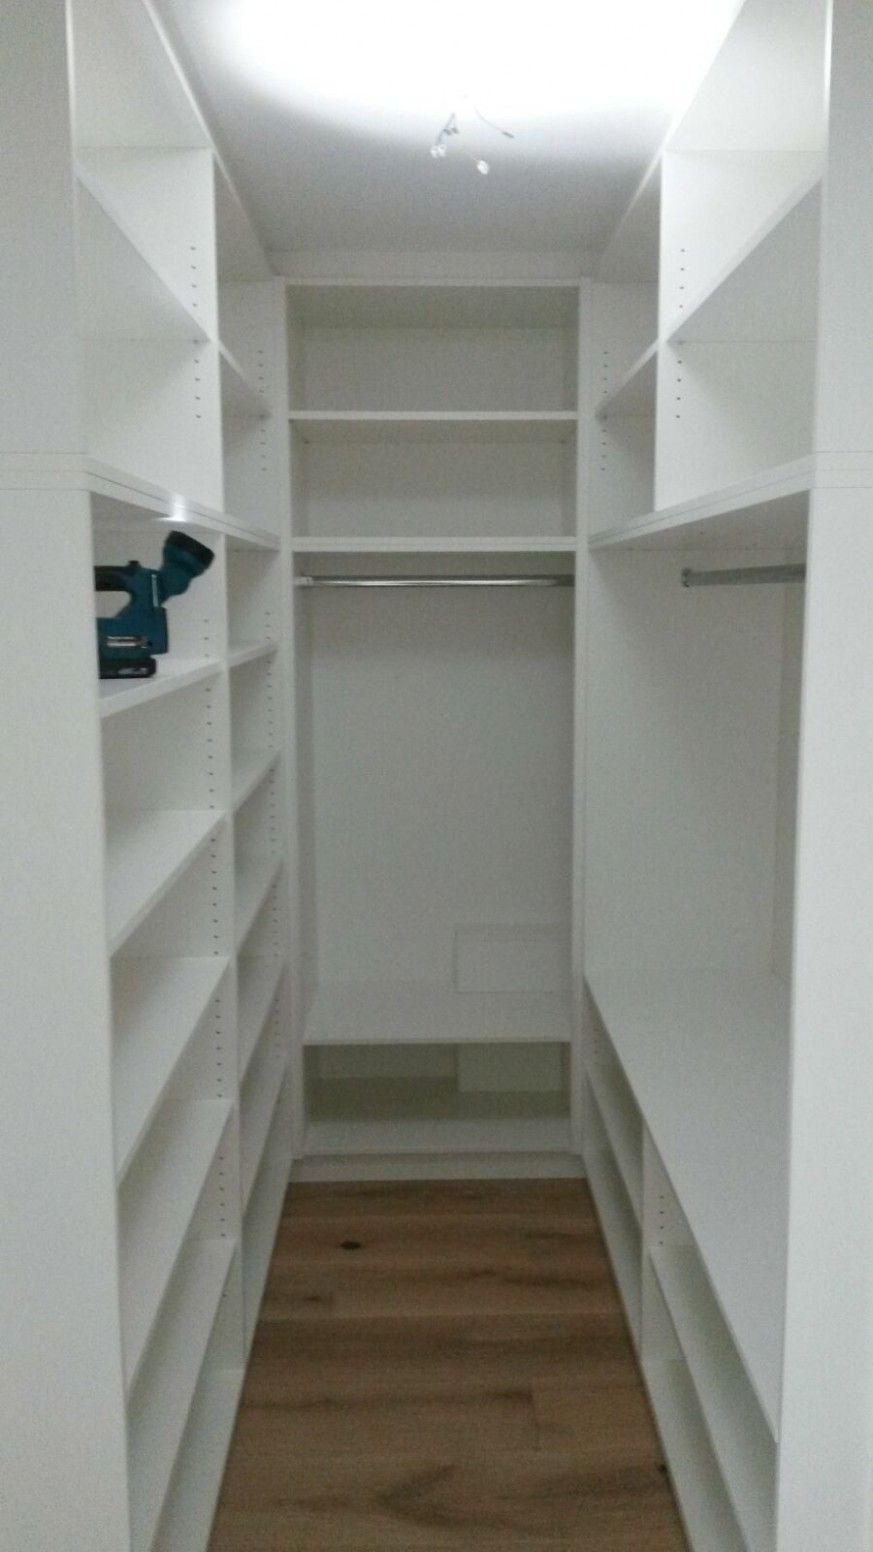 Schlafzimmer Ideen Fur Kleine Raume Ikea In 2020 Begehbarer